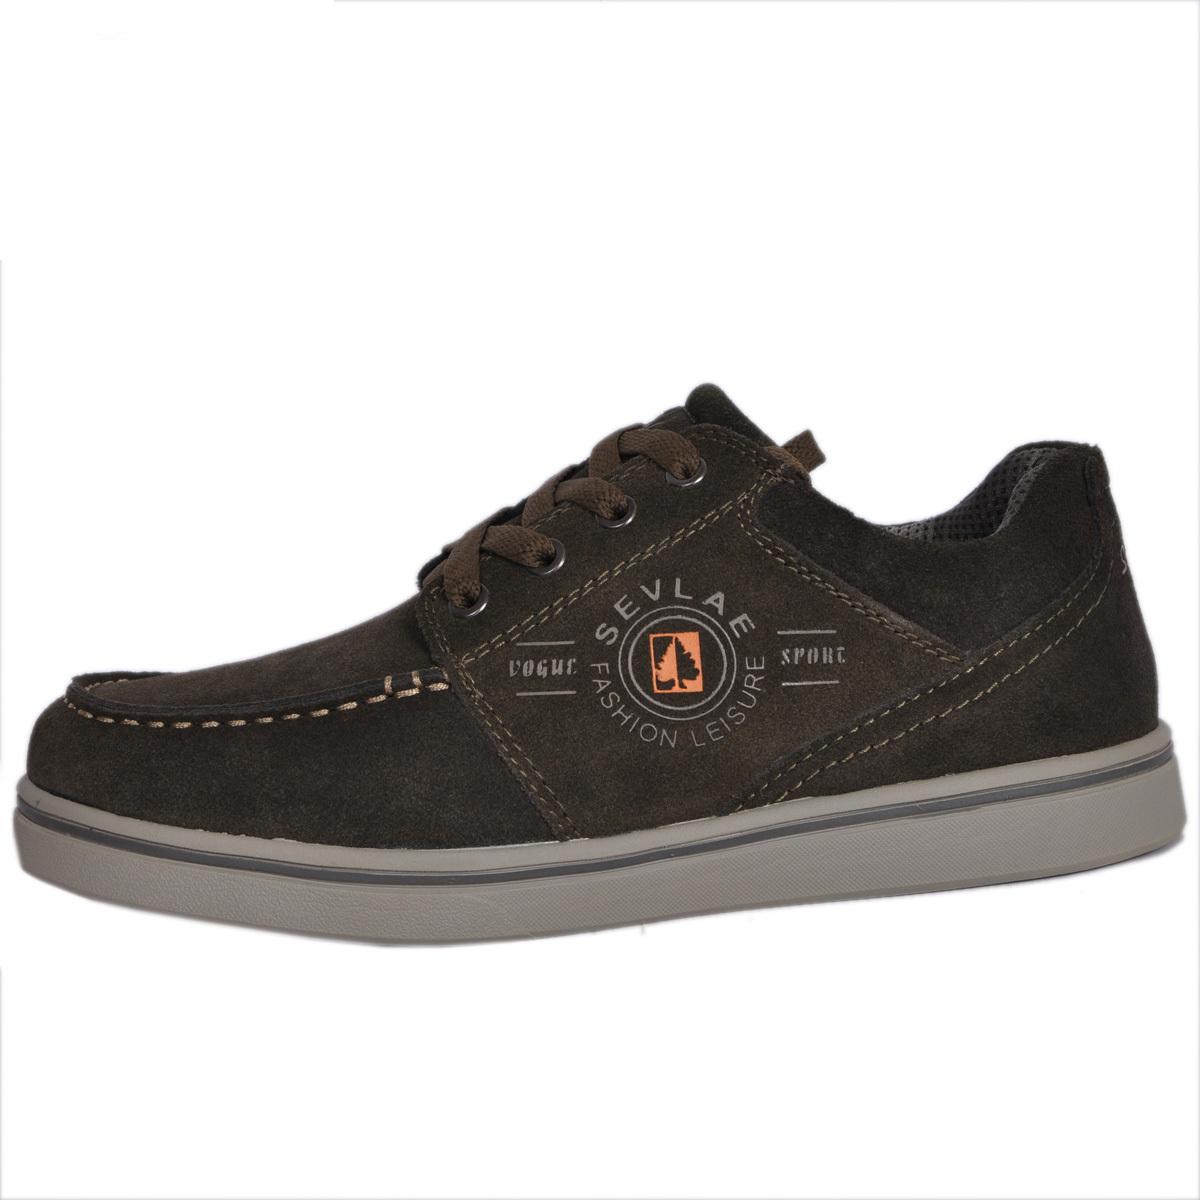 Мокасины, прогулочная обувь Shengfu Lai d3151 Sevlae 2012 мокасины прогулочная обувь shengfu lai 9331913016 sevlae